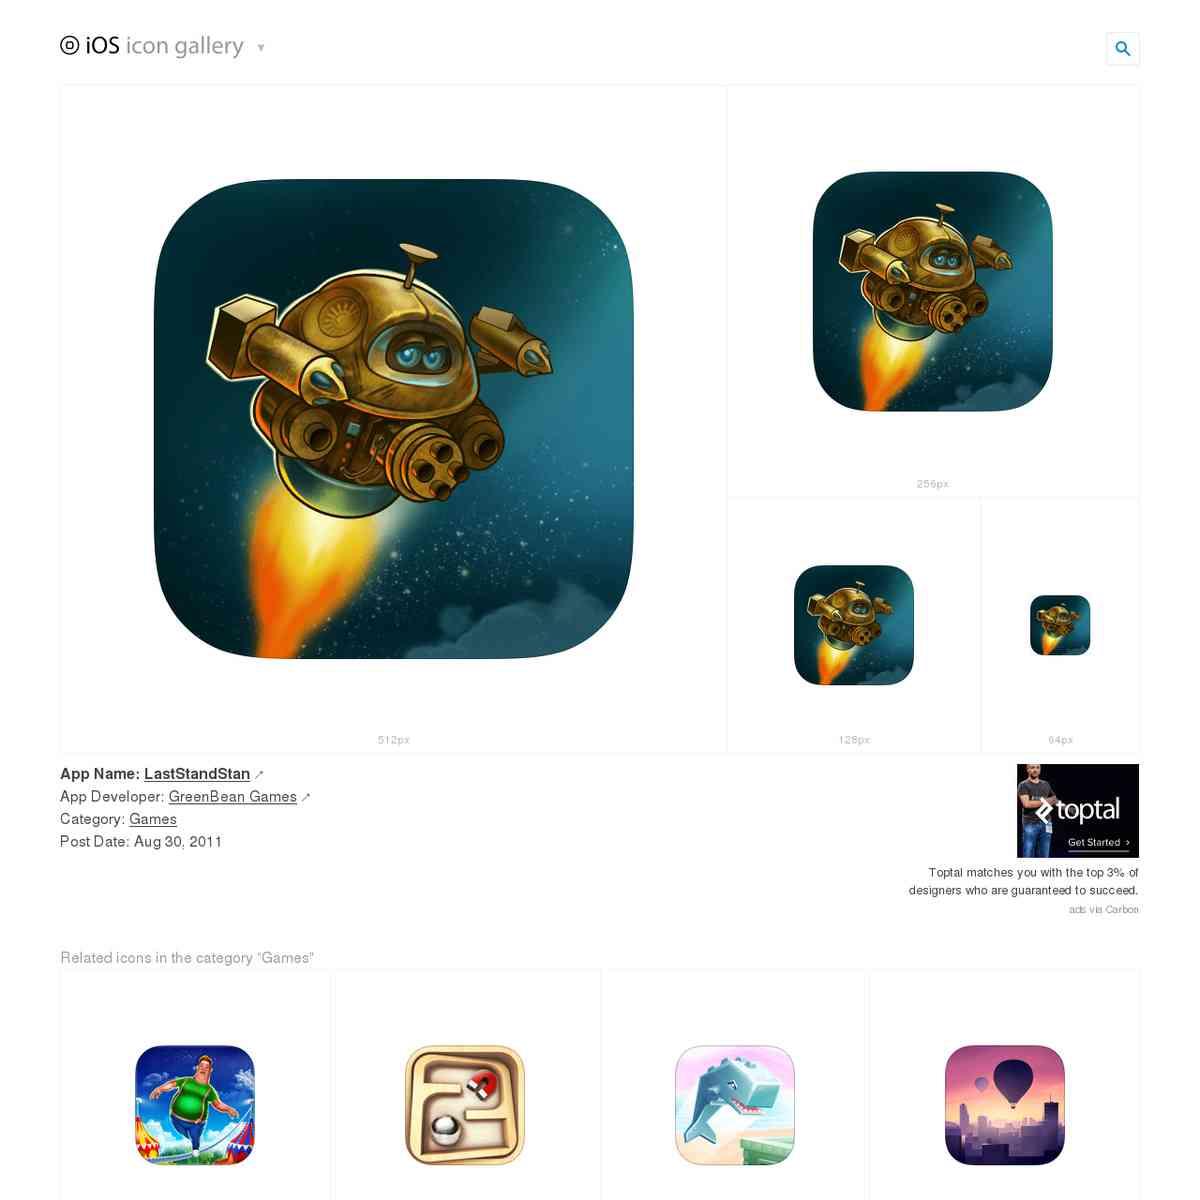 iosicongallery.com/games/laststandstan/